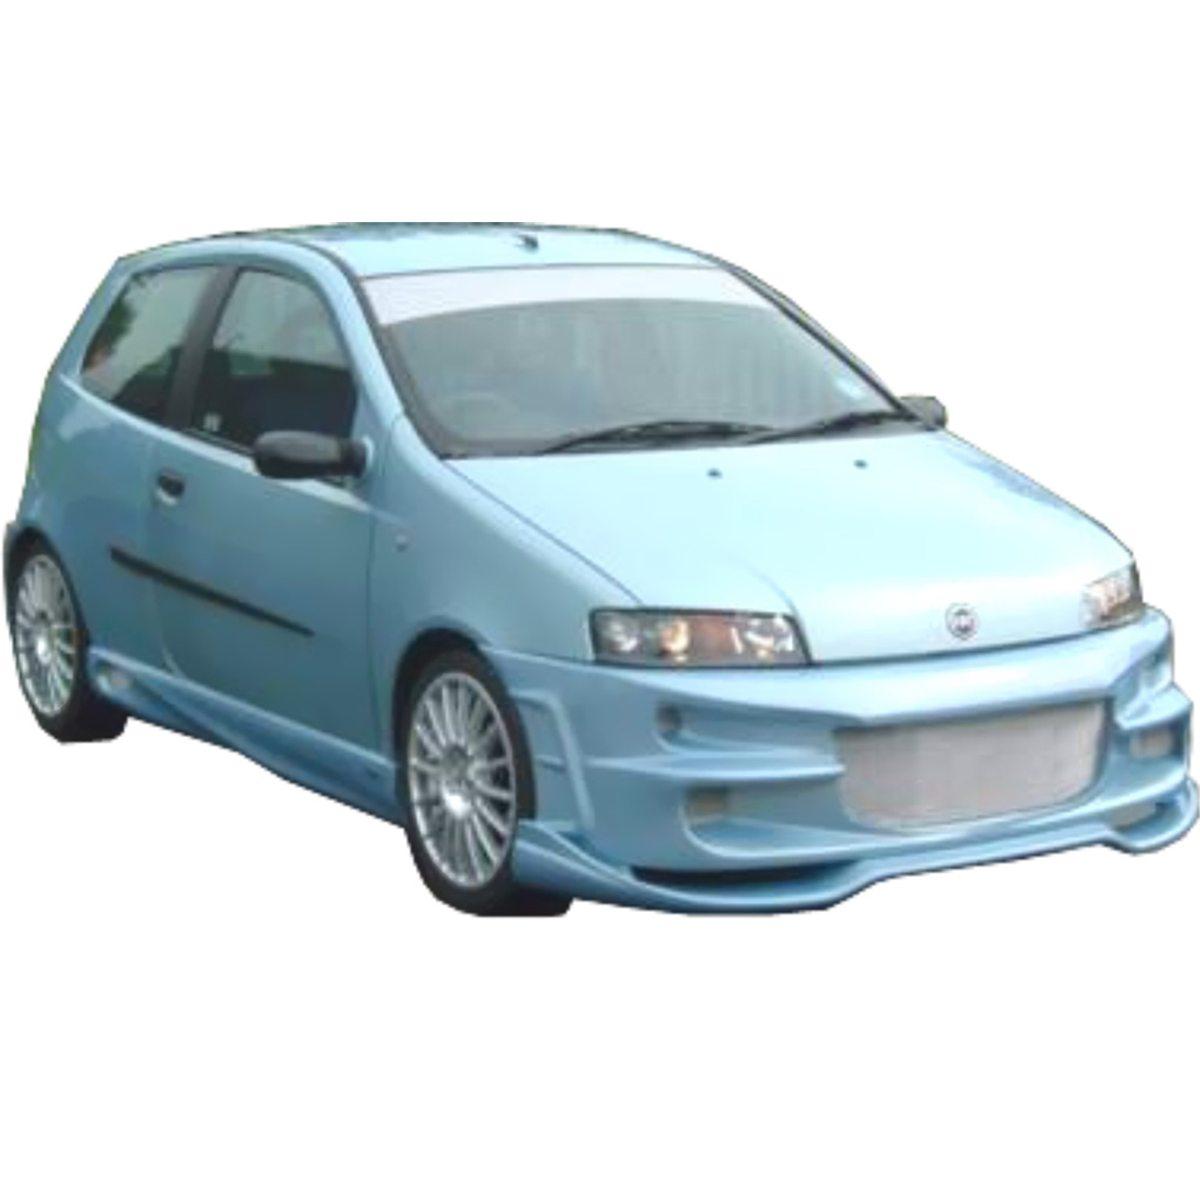 Fiat-Punto-00-3P-BadBoy-frt-PCA026